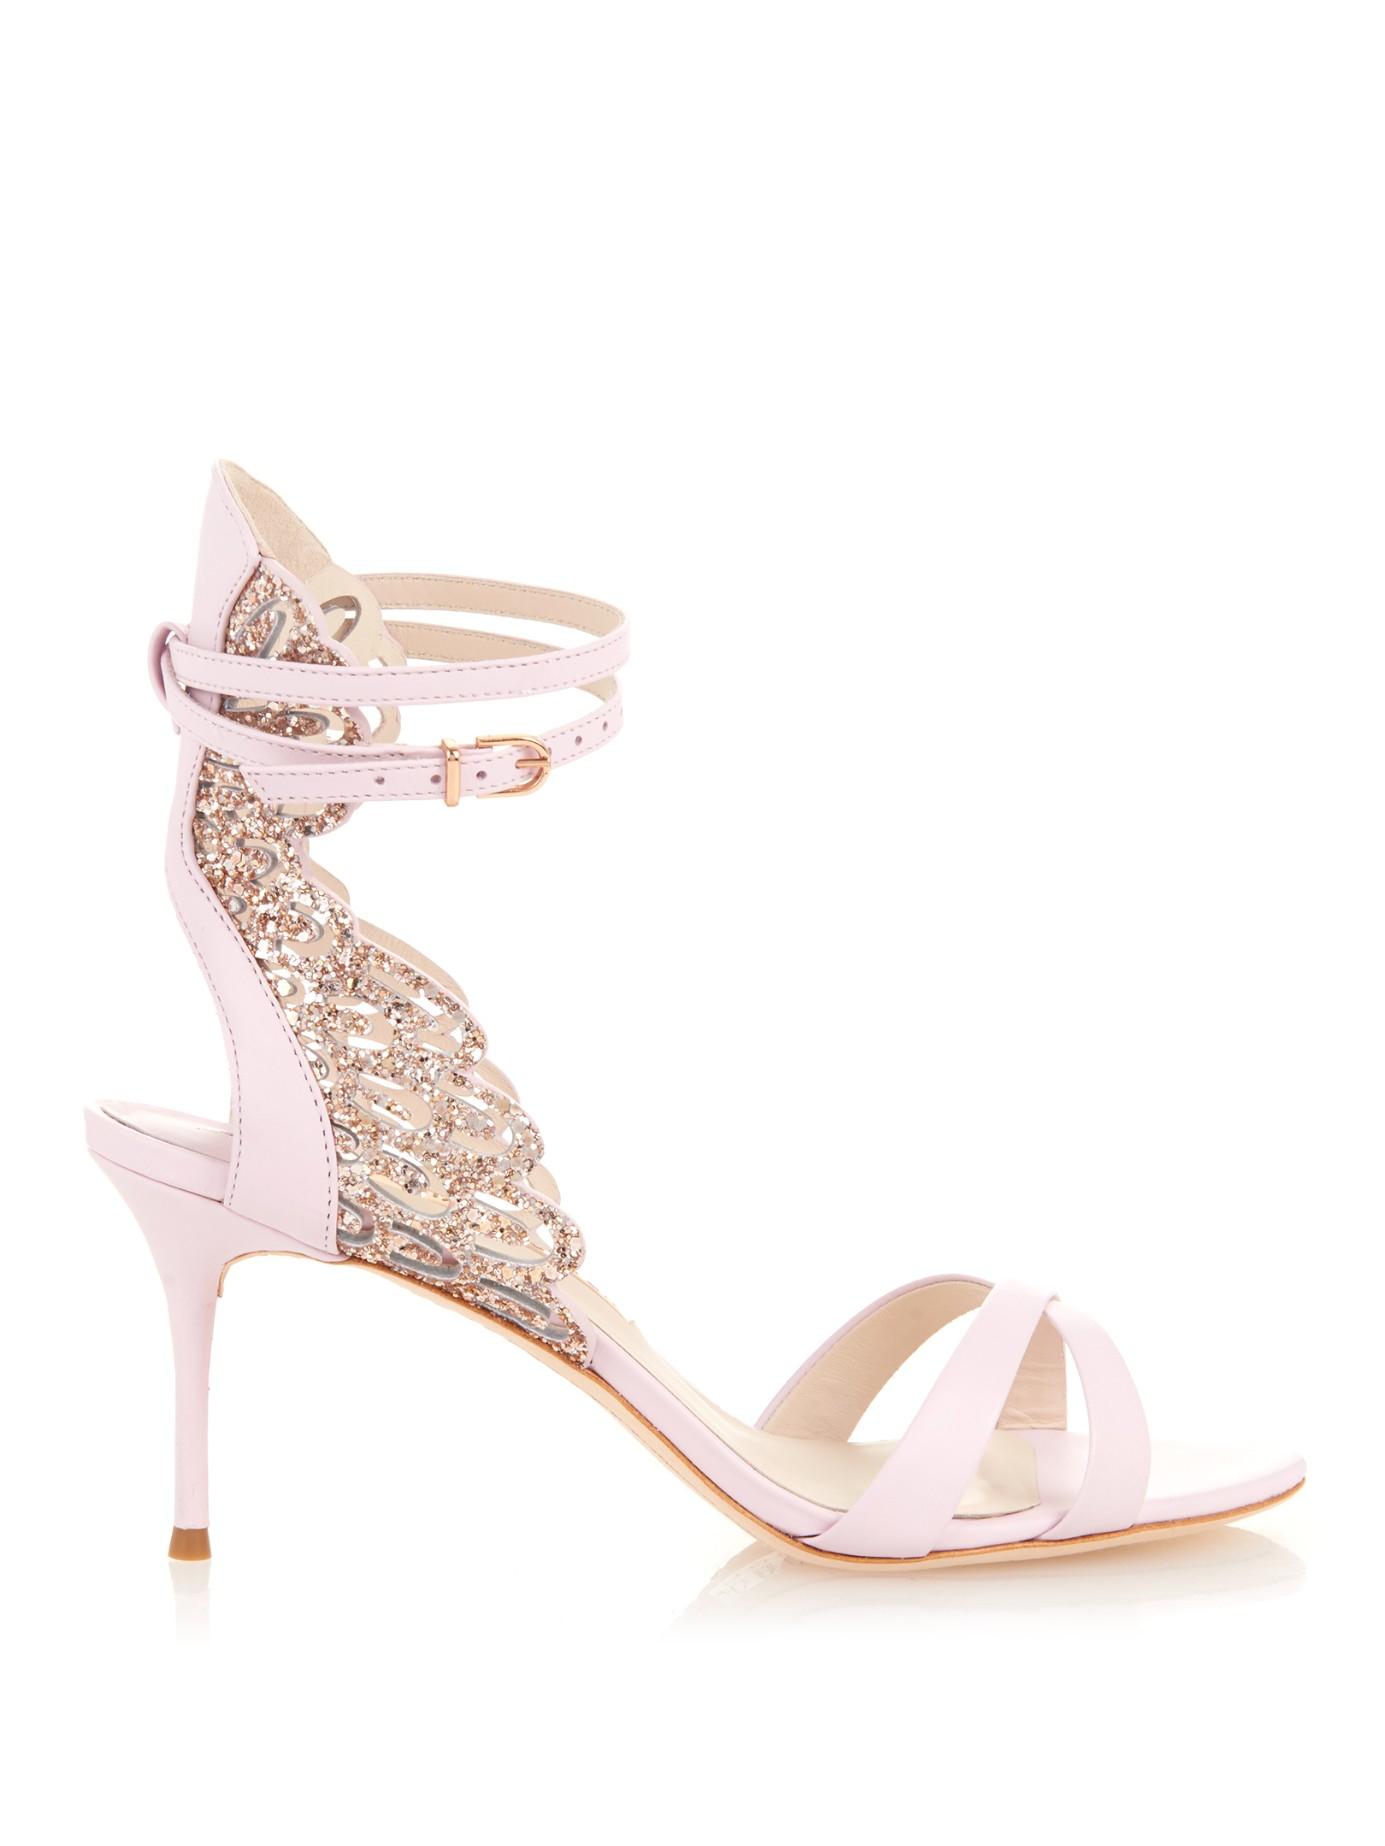 Light Pink Strappy Heels - Is Heel